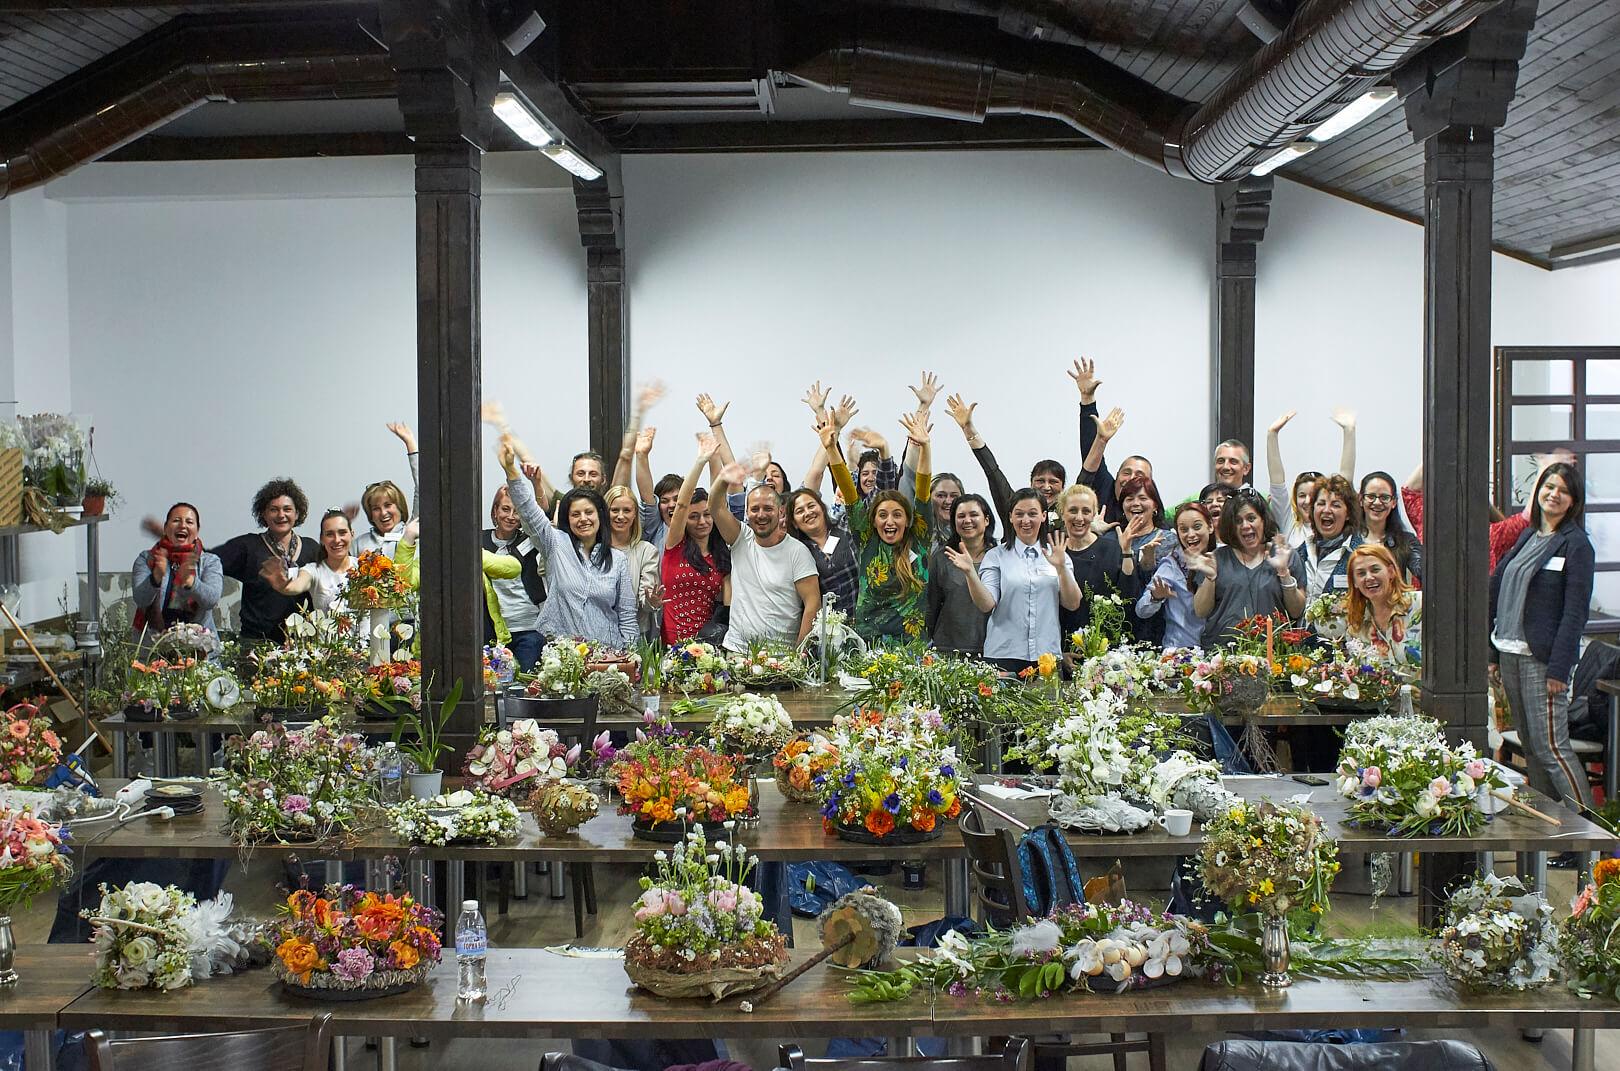 radko_ivanov_chapov_florist_floral_design_floristik_seminar_demo_18